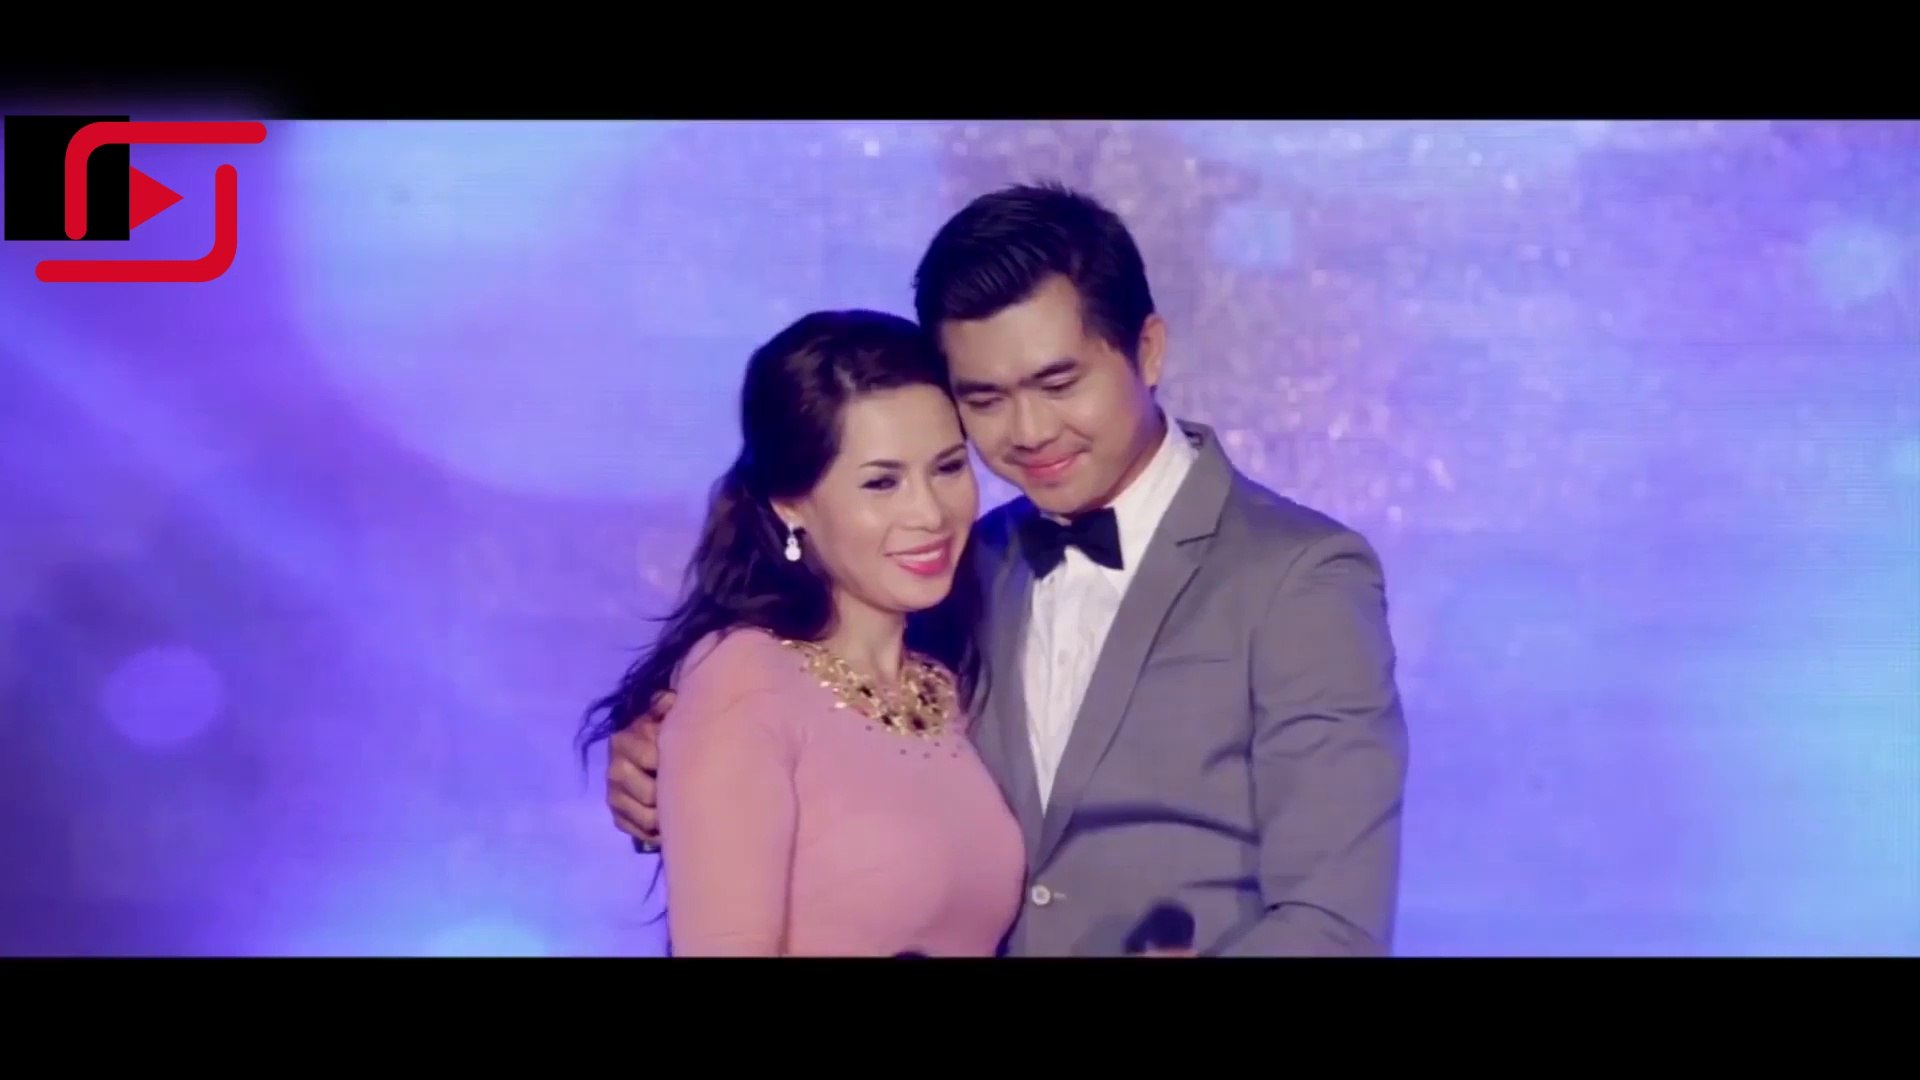 Liên Khúc Tình Nghèo Có Nhau | Thuỳ Dương, Nguyễn Phú Quý